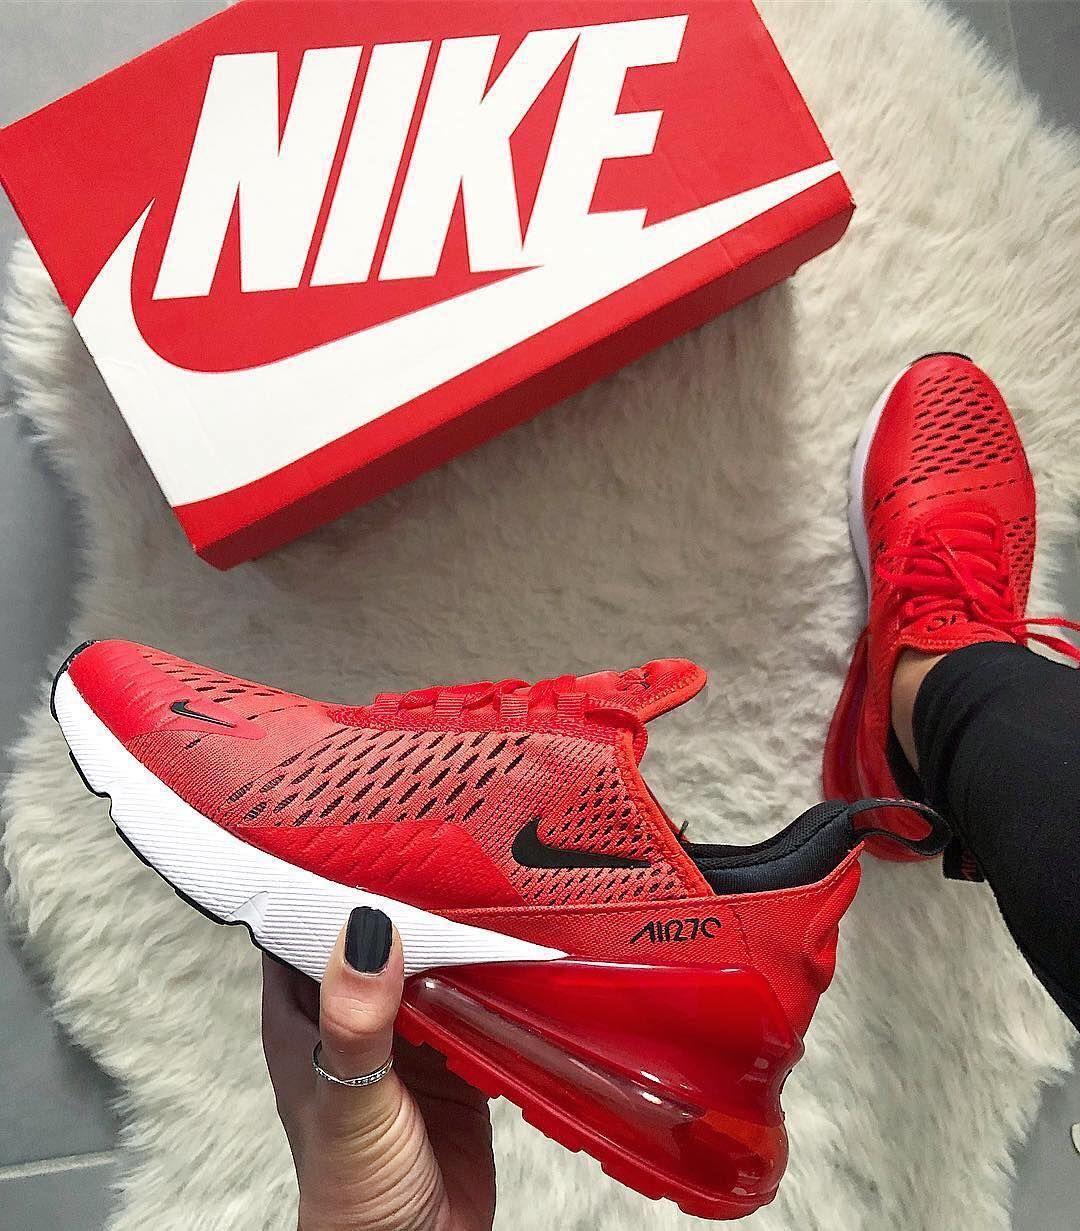 Nike air max, Air max 270